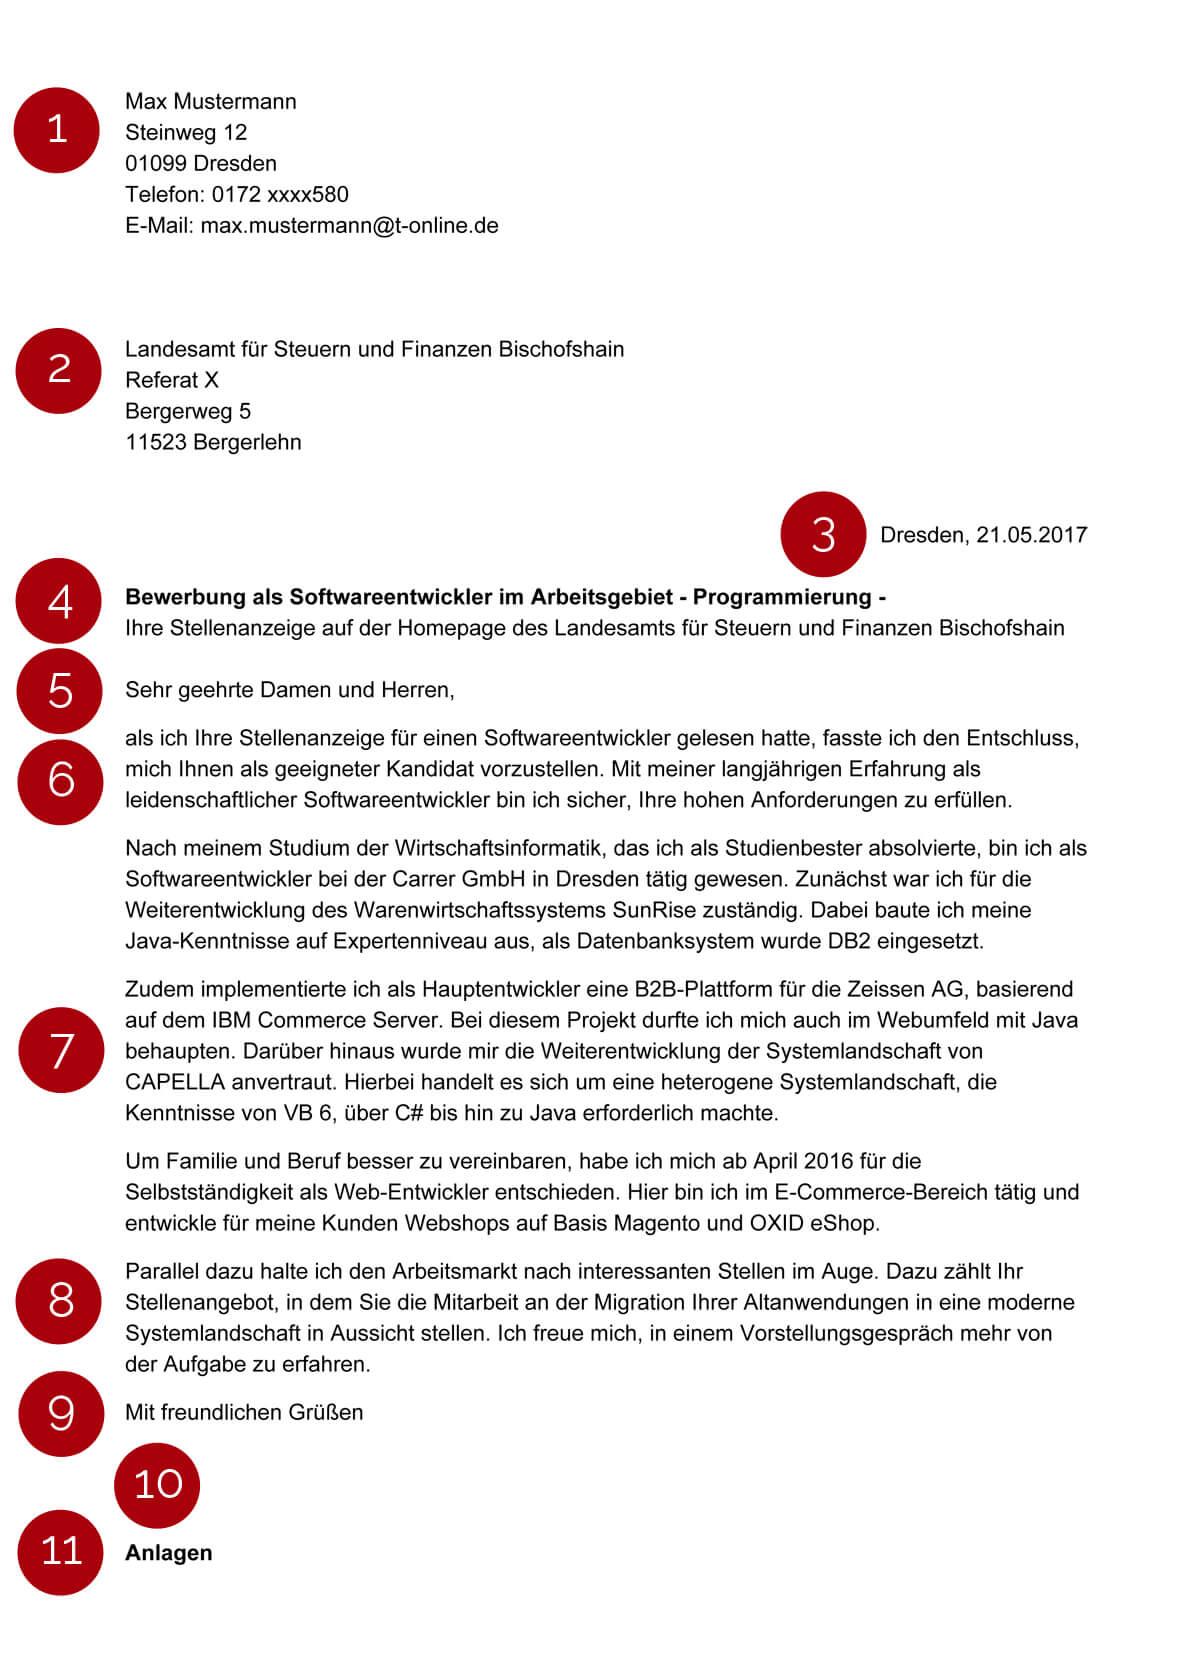 Vorlagen und Muster für das Bewerbungsanschreiben